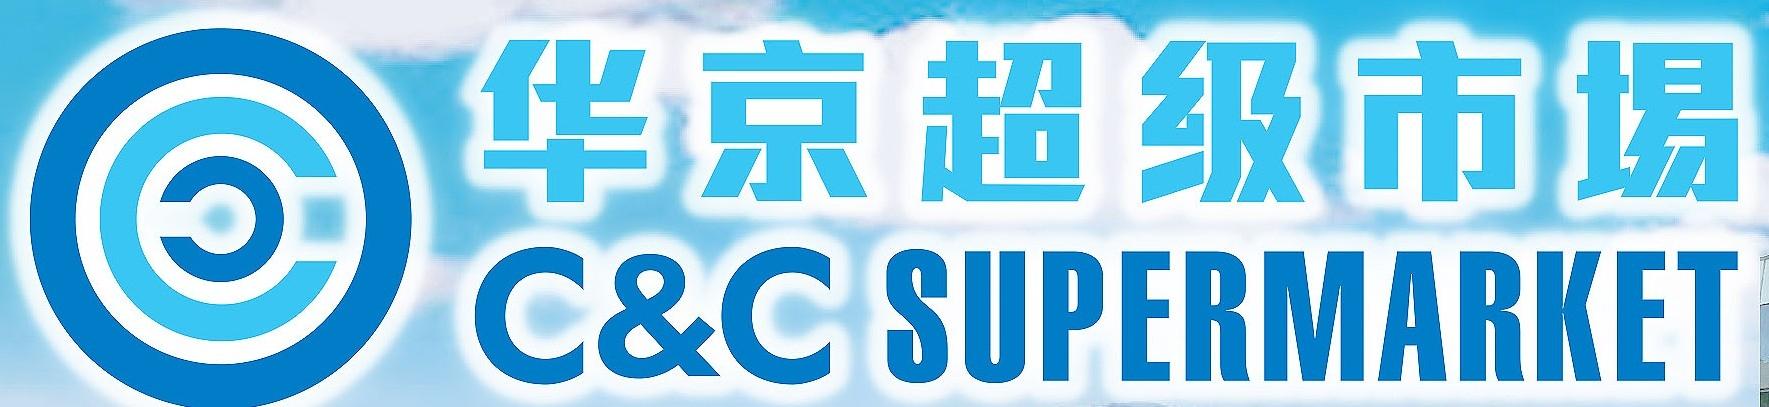 C & C Supermarket